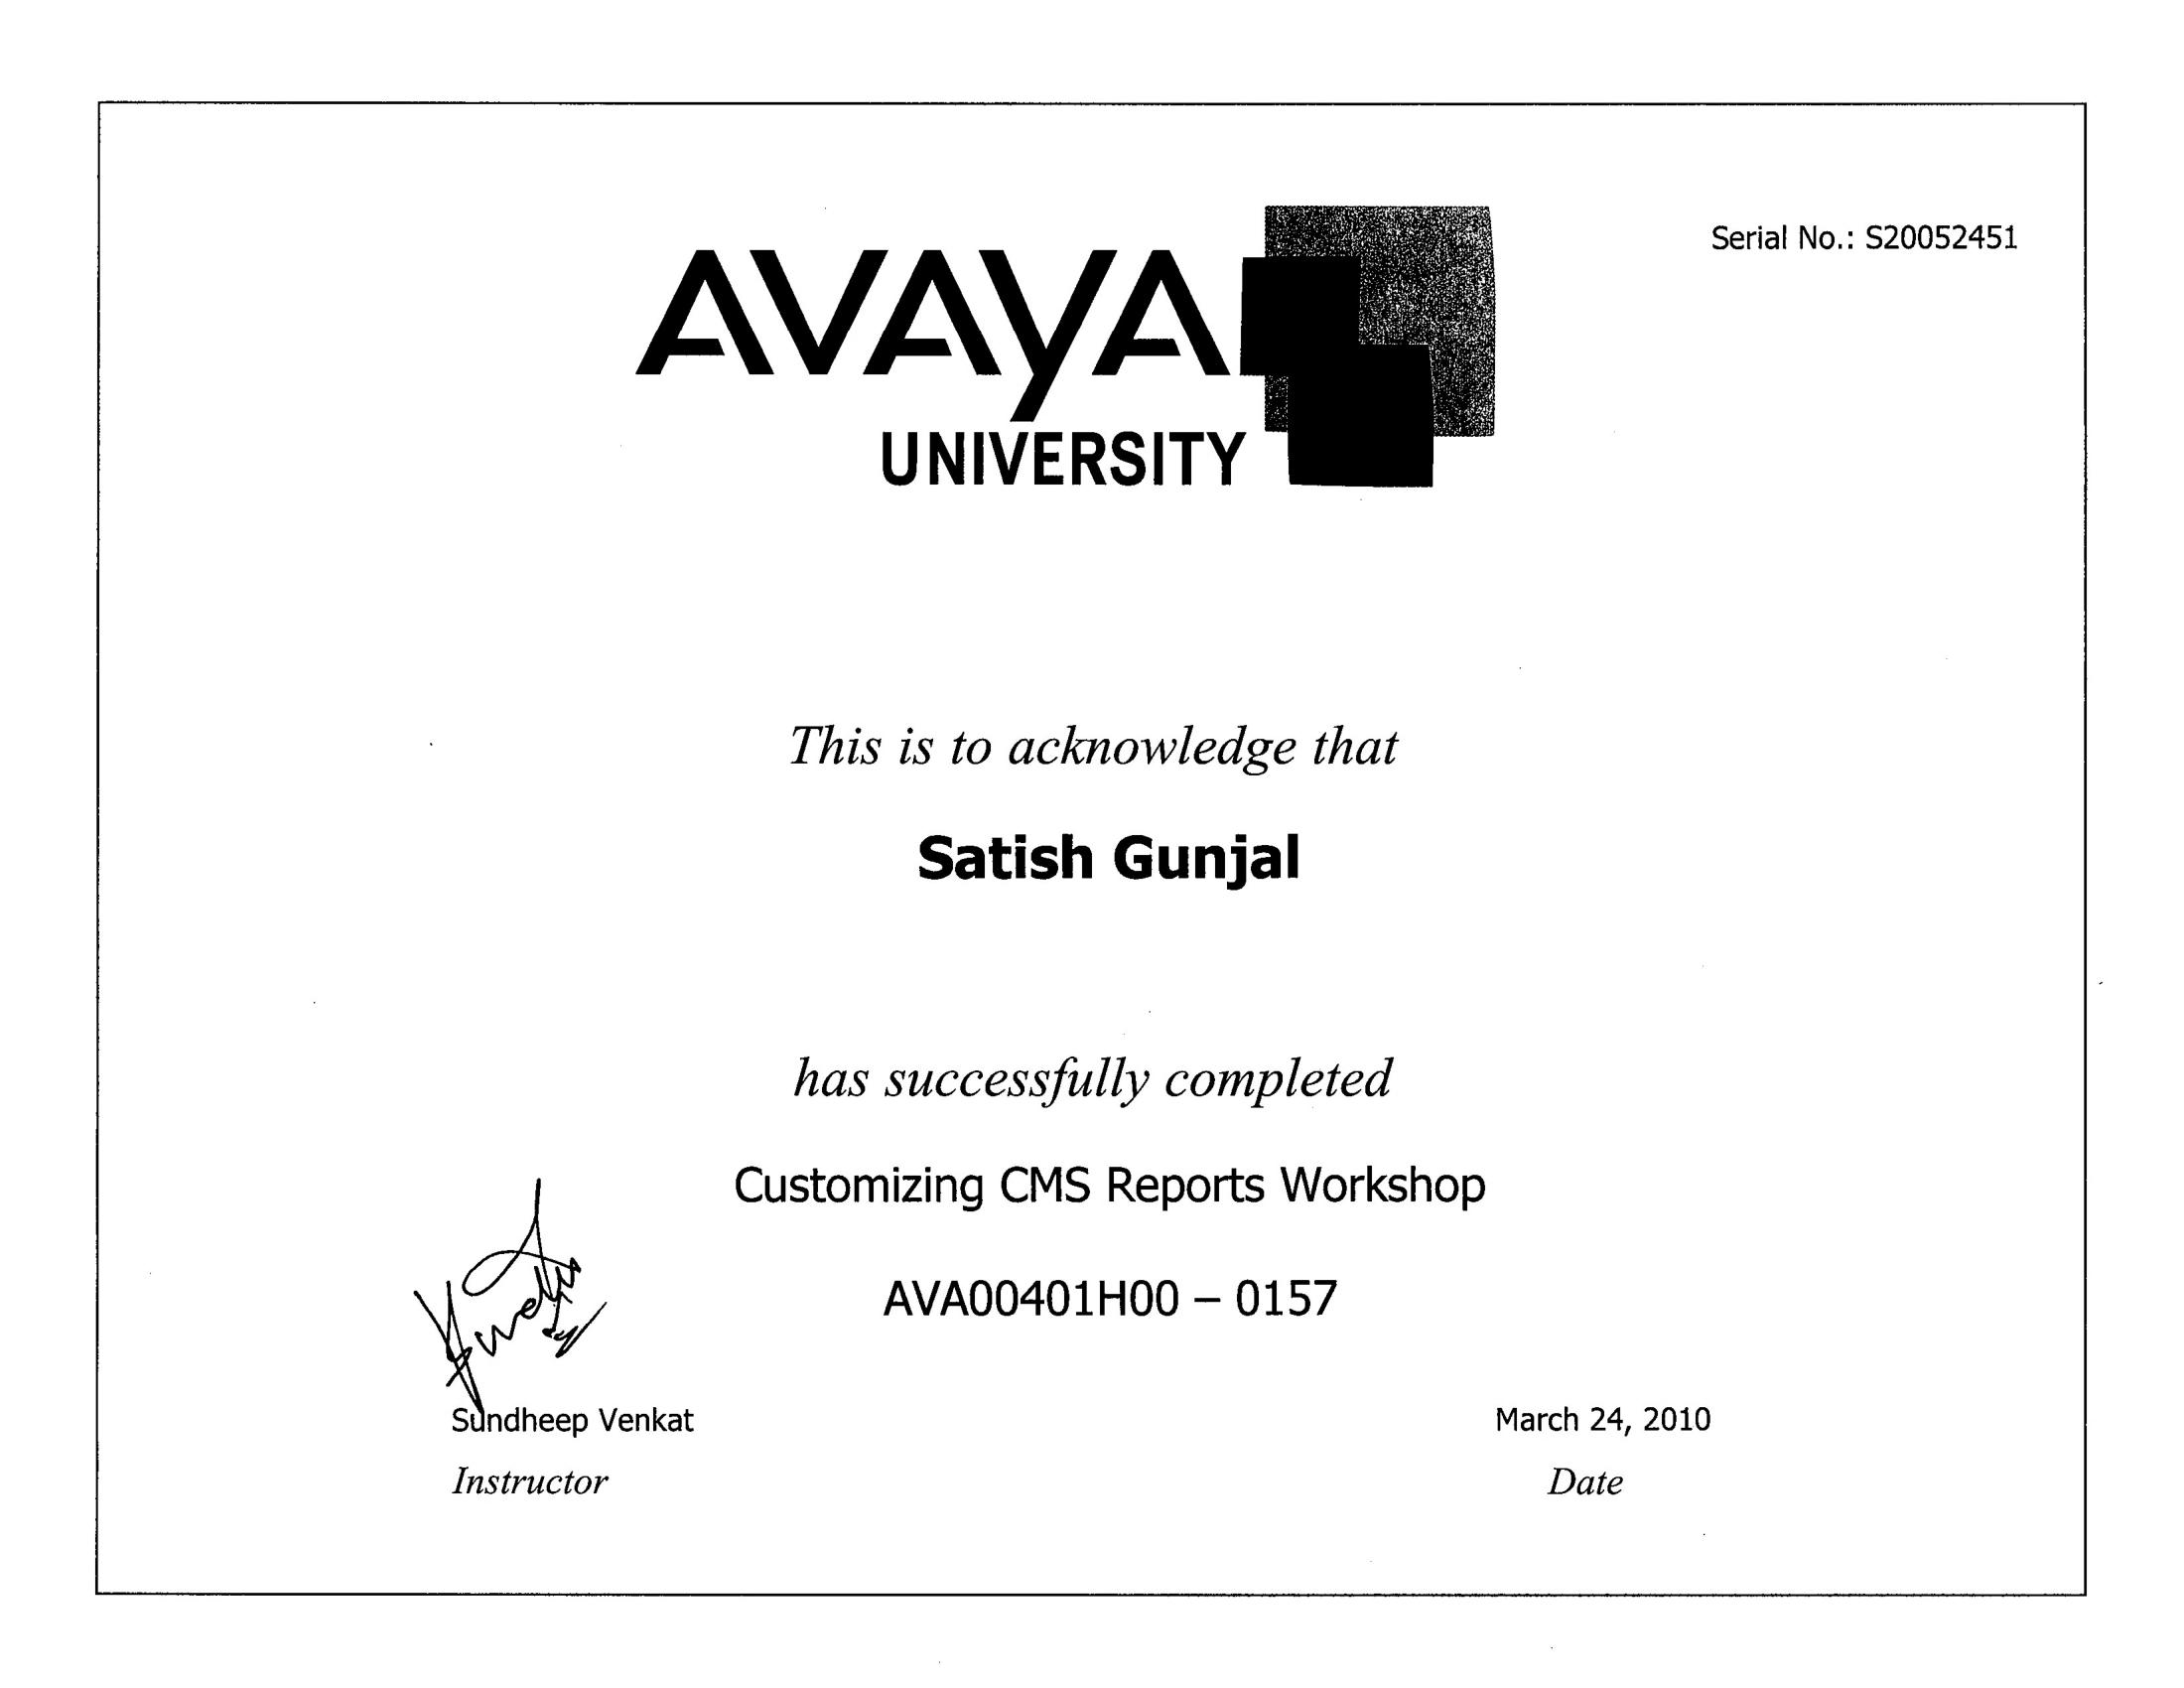 Avaya Customizing CMS Reports Workshop